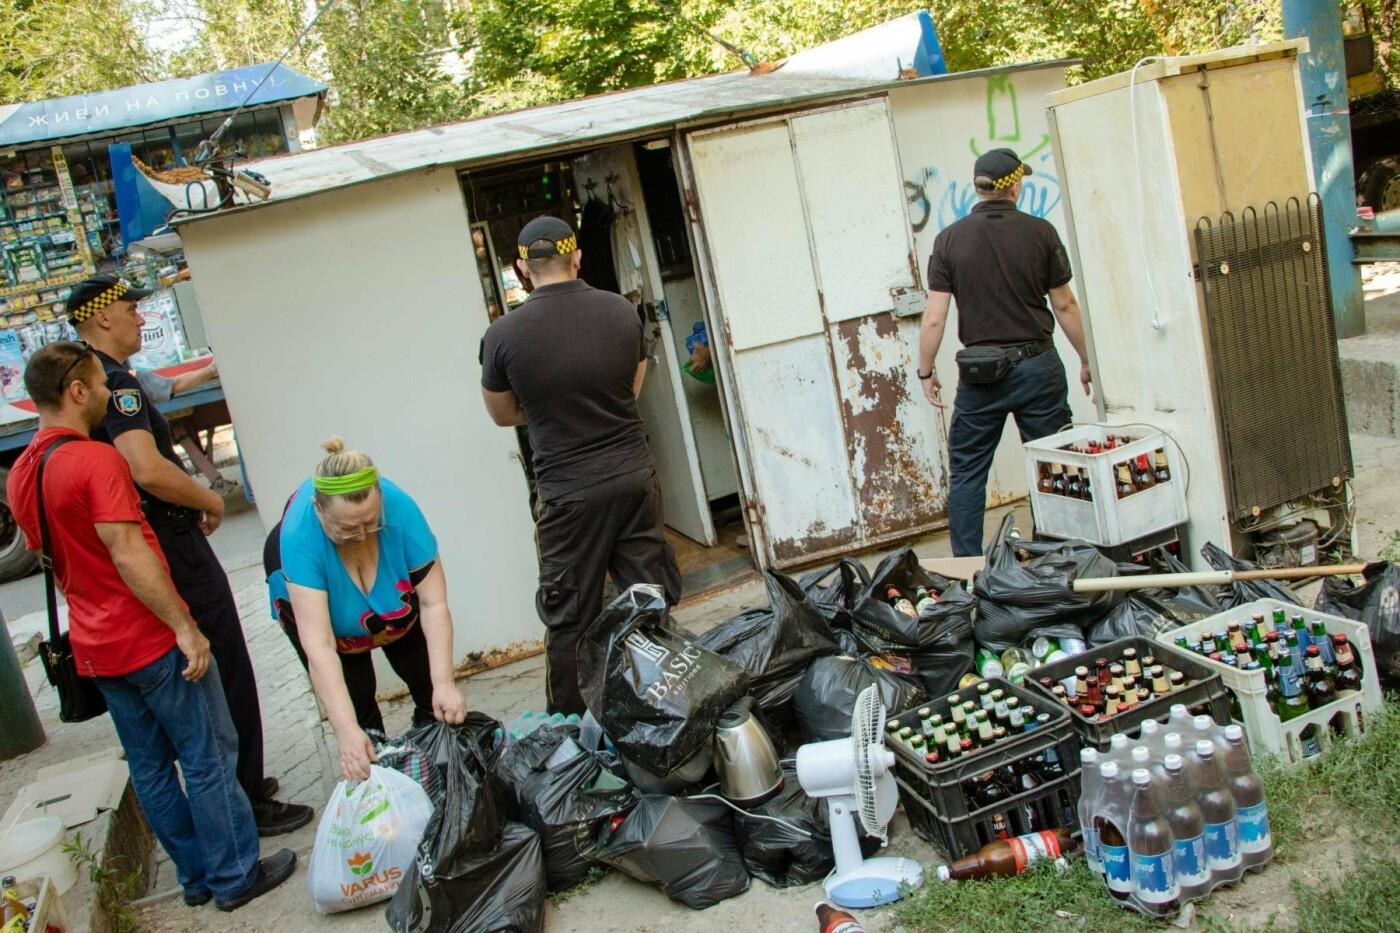 В Днепре снесли два незаконных киоска, где продавали алкоголь по ночам, - ФОТО, фото-2